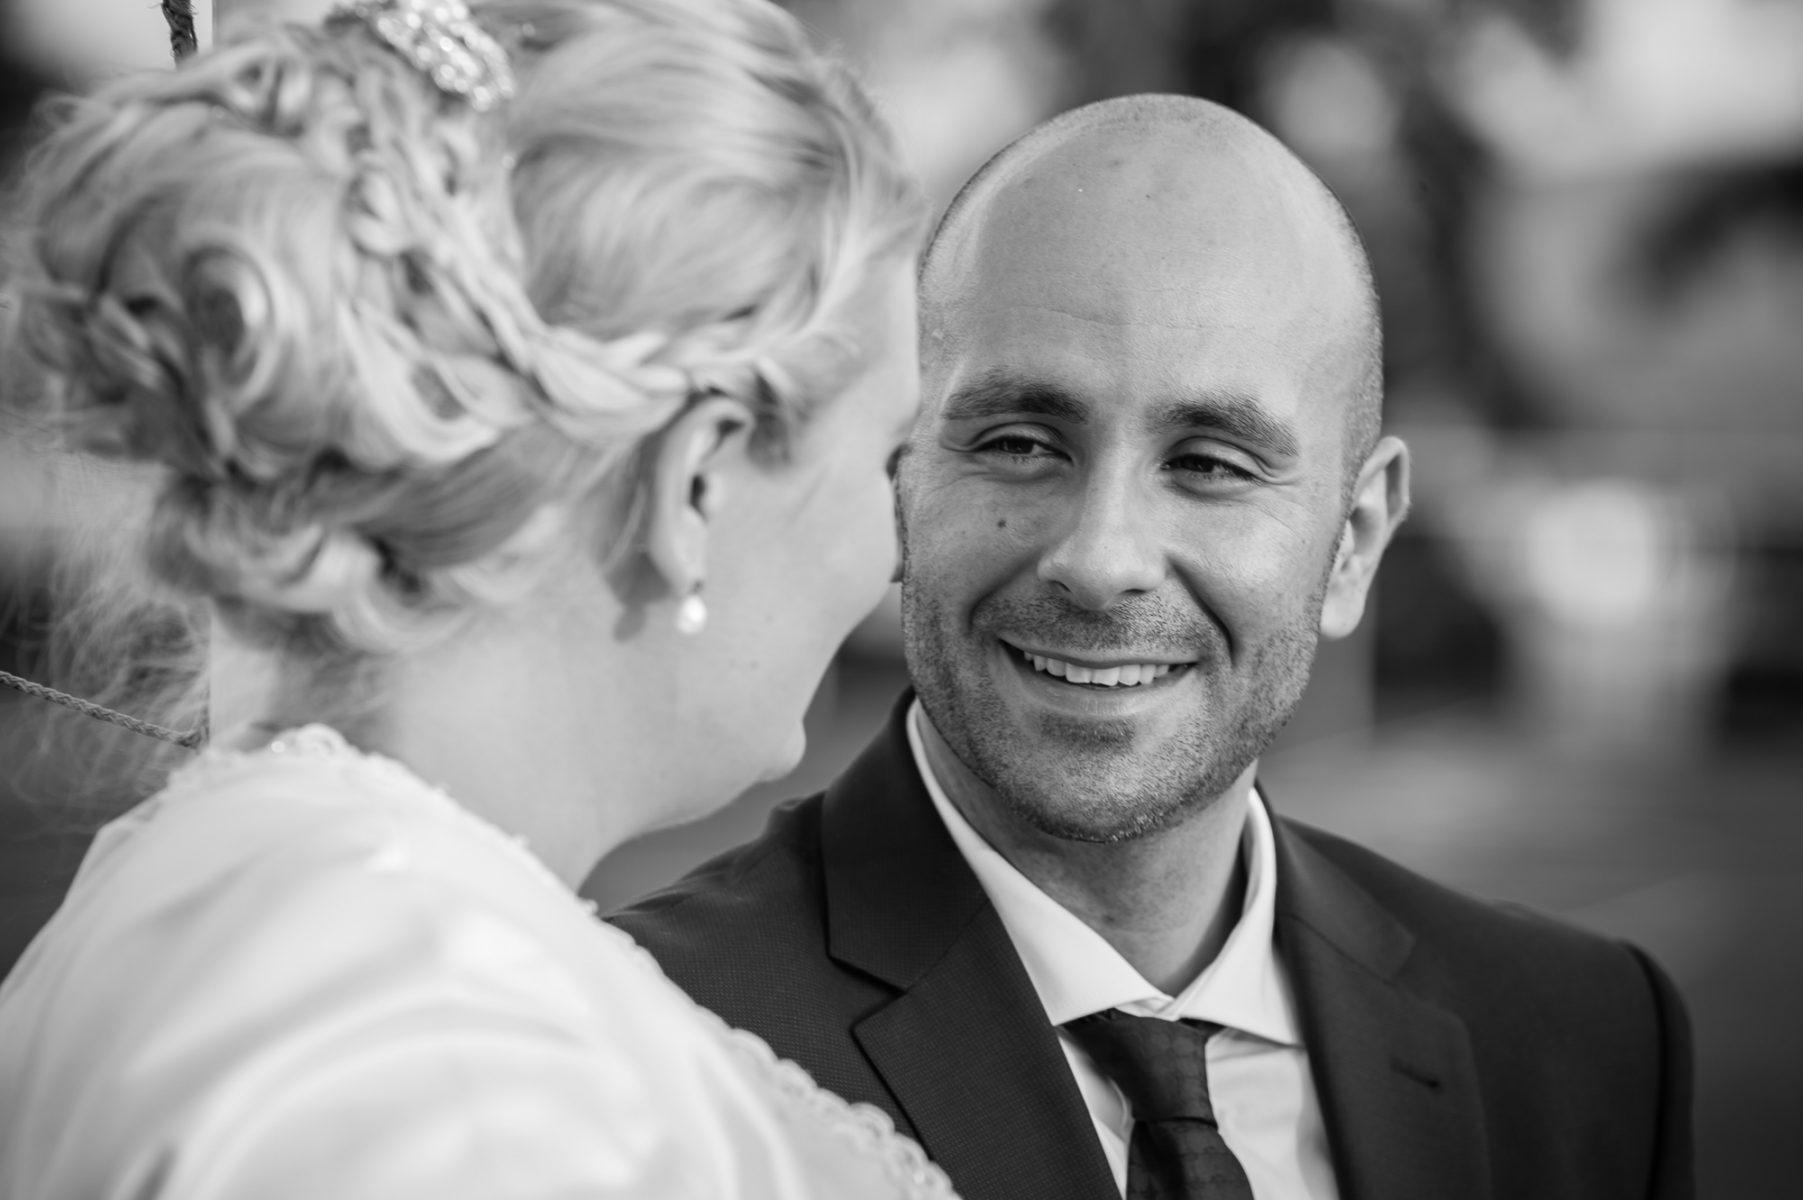 Hochzeit Paarfoto  6625 1803x1200 - ZWEISAM